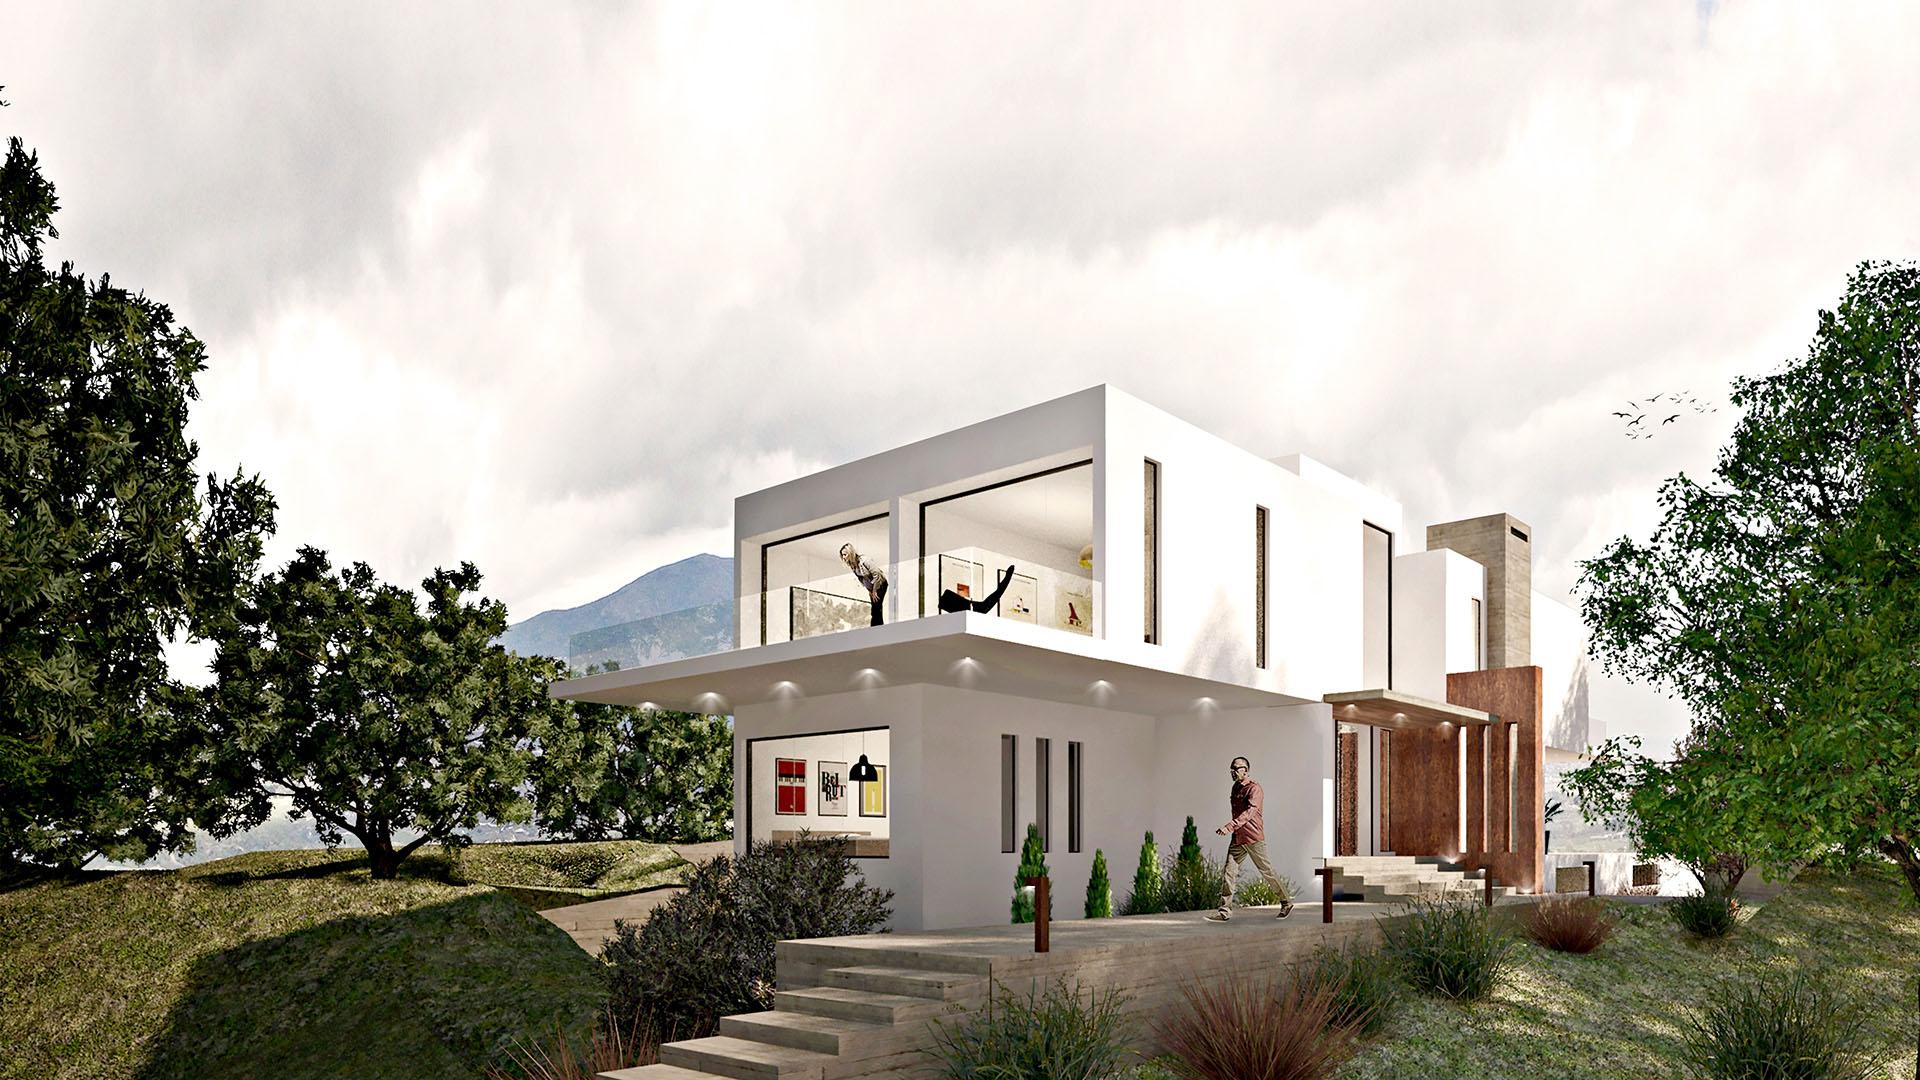 La Mairena villa 37: Modern villa in La Mairena on the east side of Marbella